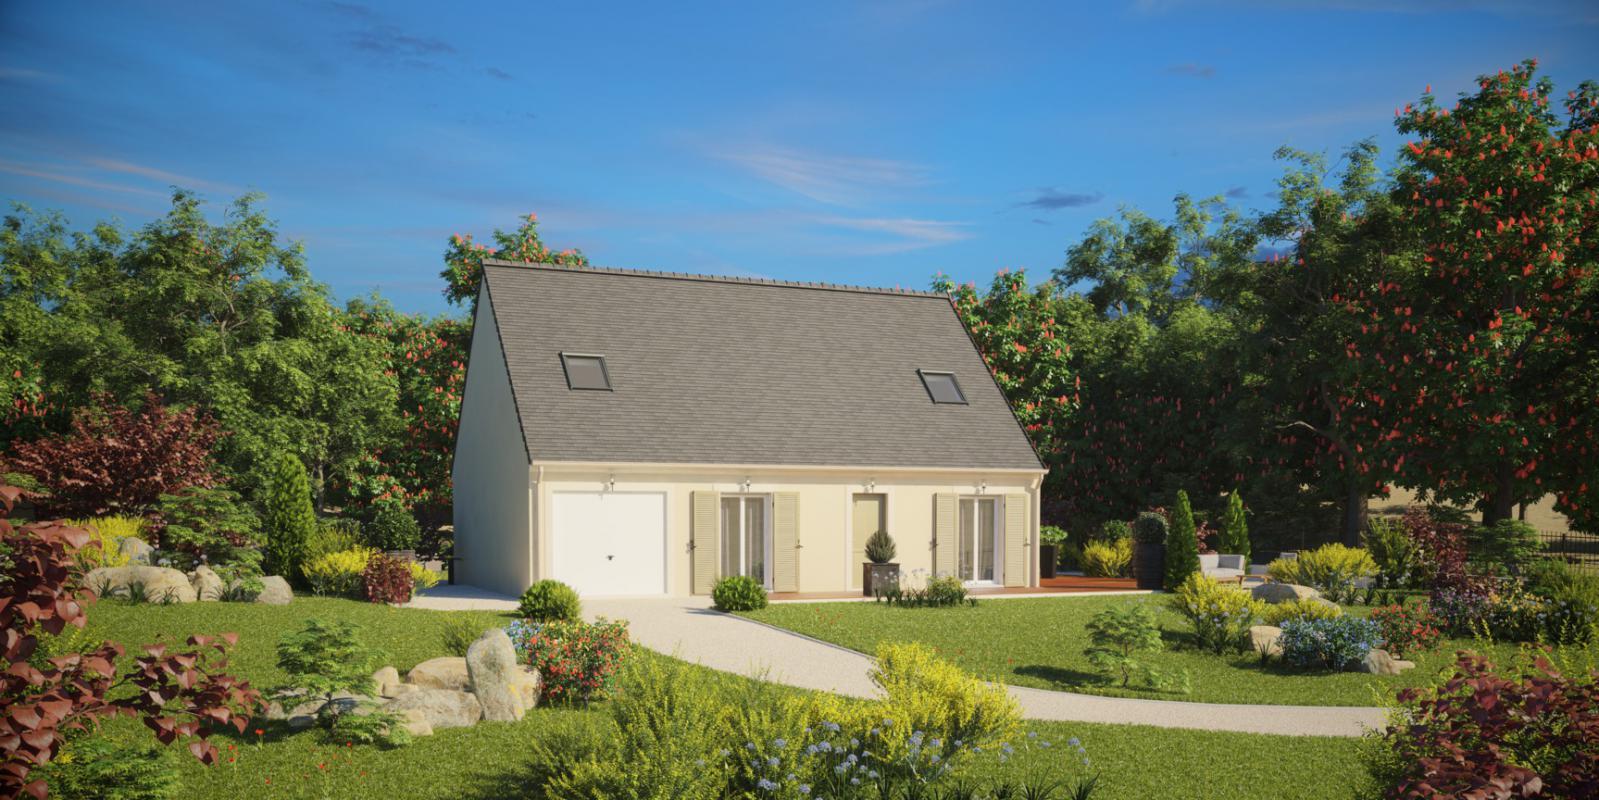 Maisons du constructeur MAISONS PIERRE SENS • 115 m² • PONT SUR YONNE